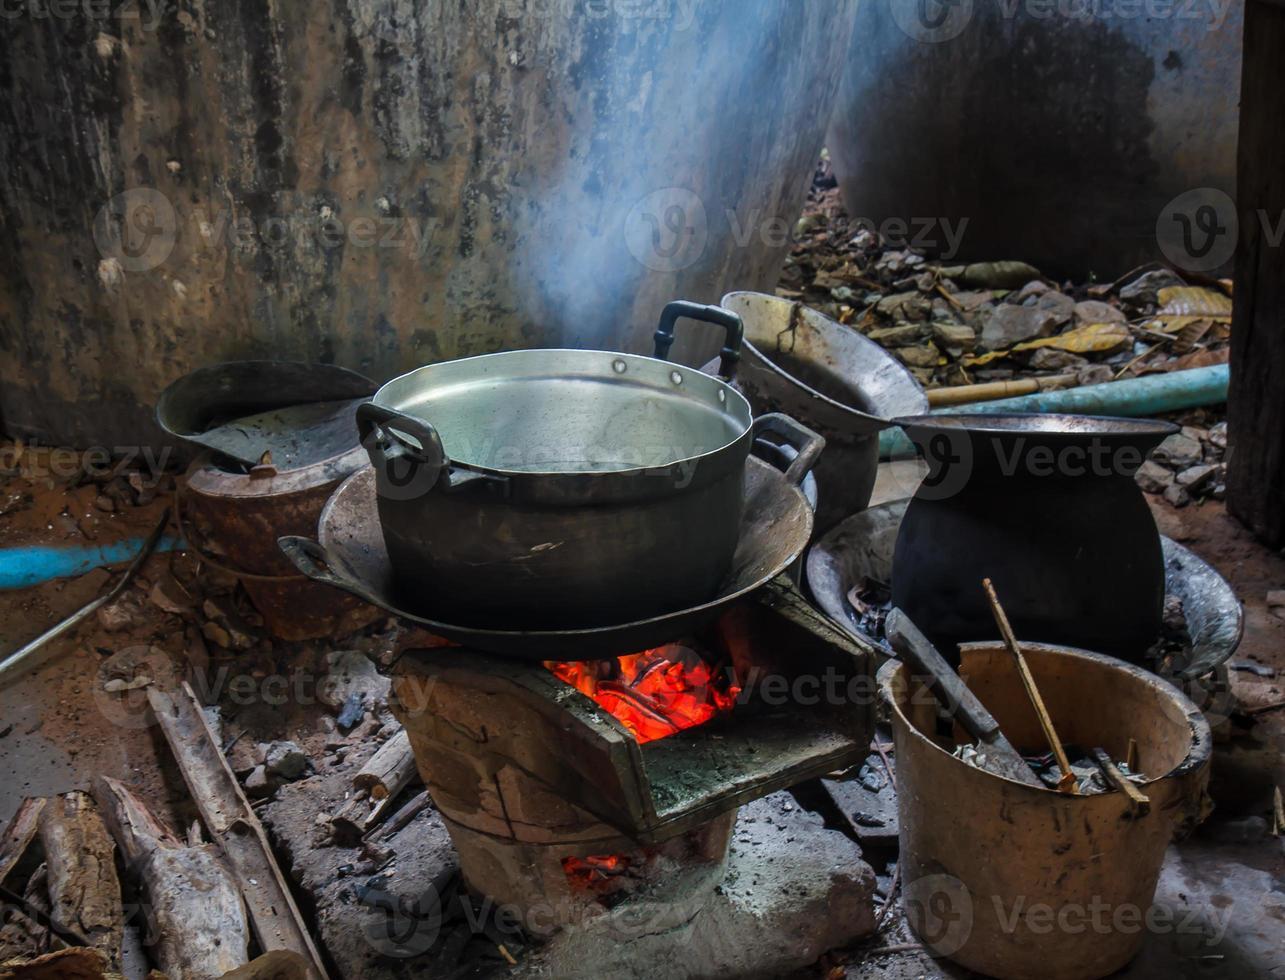 cuisine dans les régions rurales de la Thaïlande photo